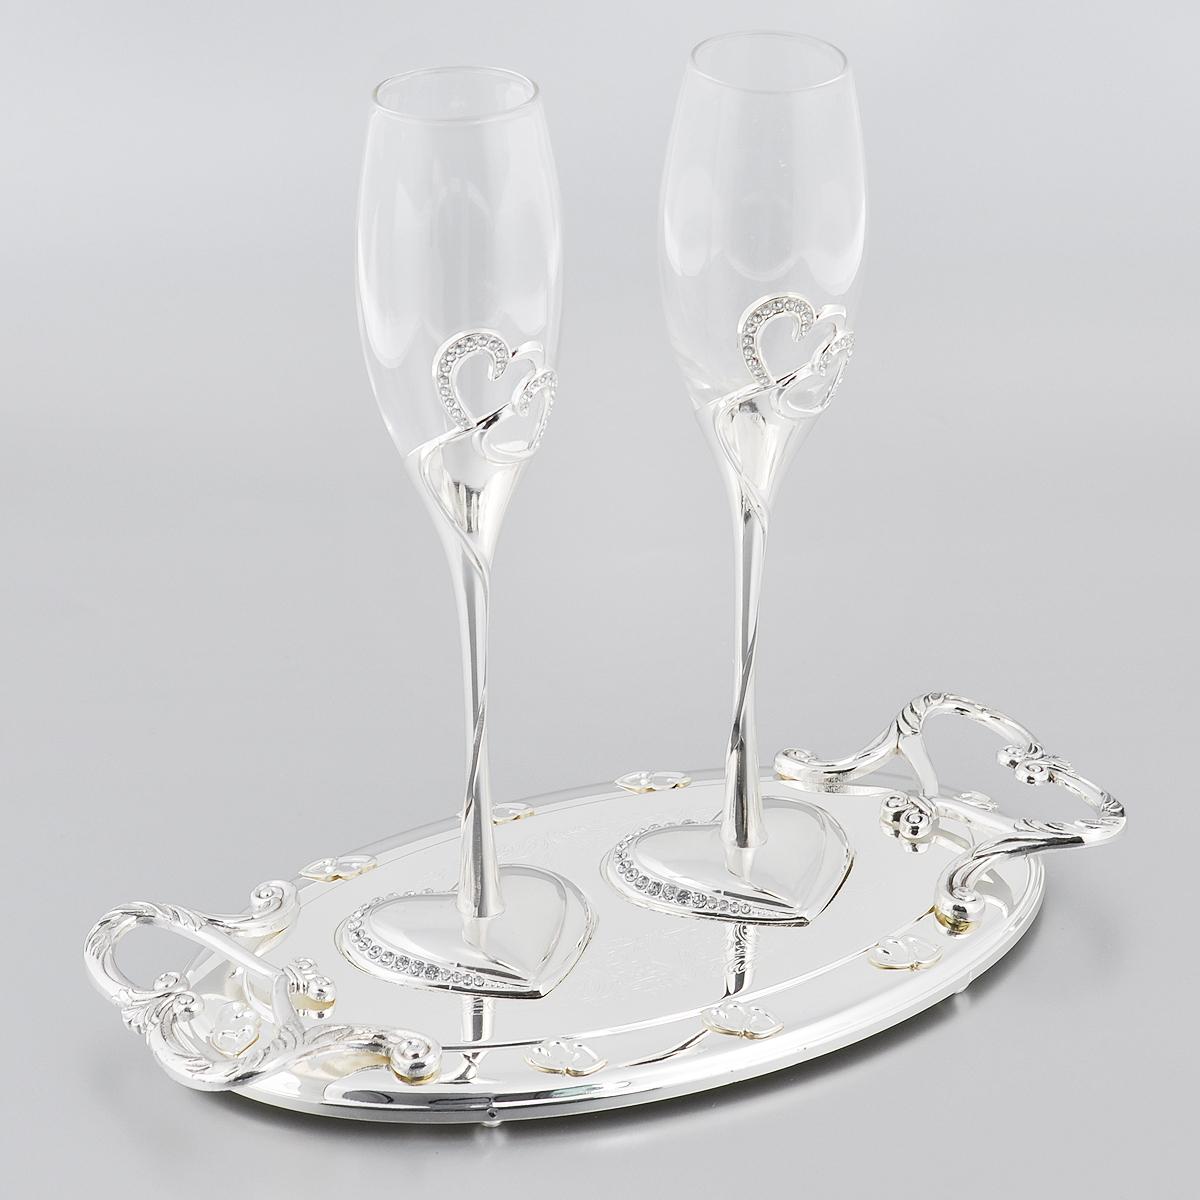 """Набор Marquis """"Свадьба"""" состоит из двух бокалов для шампанского для  молодоженов и подноса. Бокалы выполнены из стекла. Изящные тонкие ножки,  выполненные из стали с серебряно-никелевым покрытием, оформлены  перфорацией в виде двух сплетенных сердец, инкрустированных стразами.  Основание в виде сердца также оформлено стразами.  Овальная подставка с ручками, украшенная гравировкой и рельефом, прекрасно  дополняет набор.  Такой набор принесет особую атмосферу торжества и праздника."""